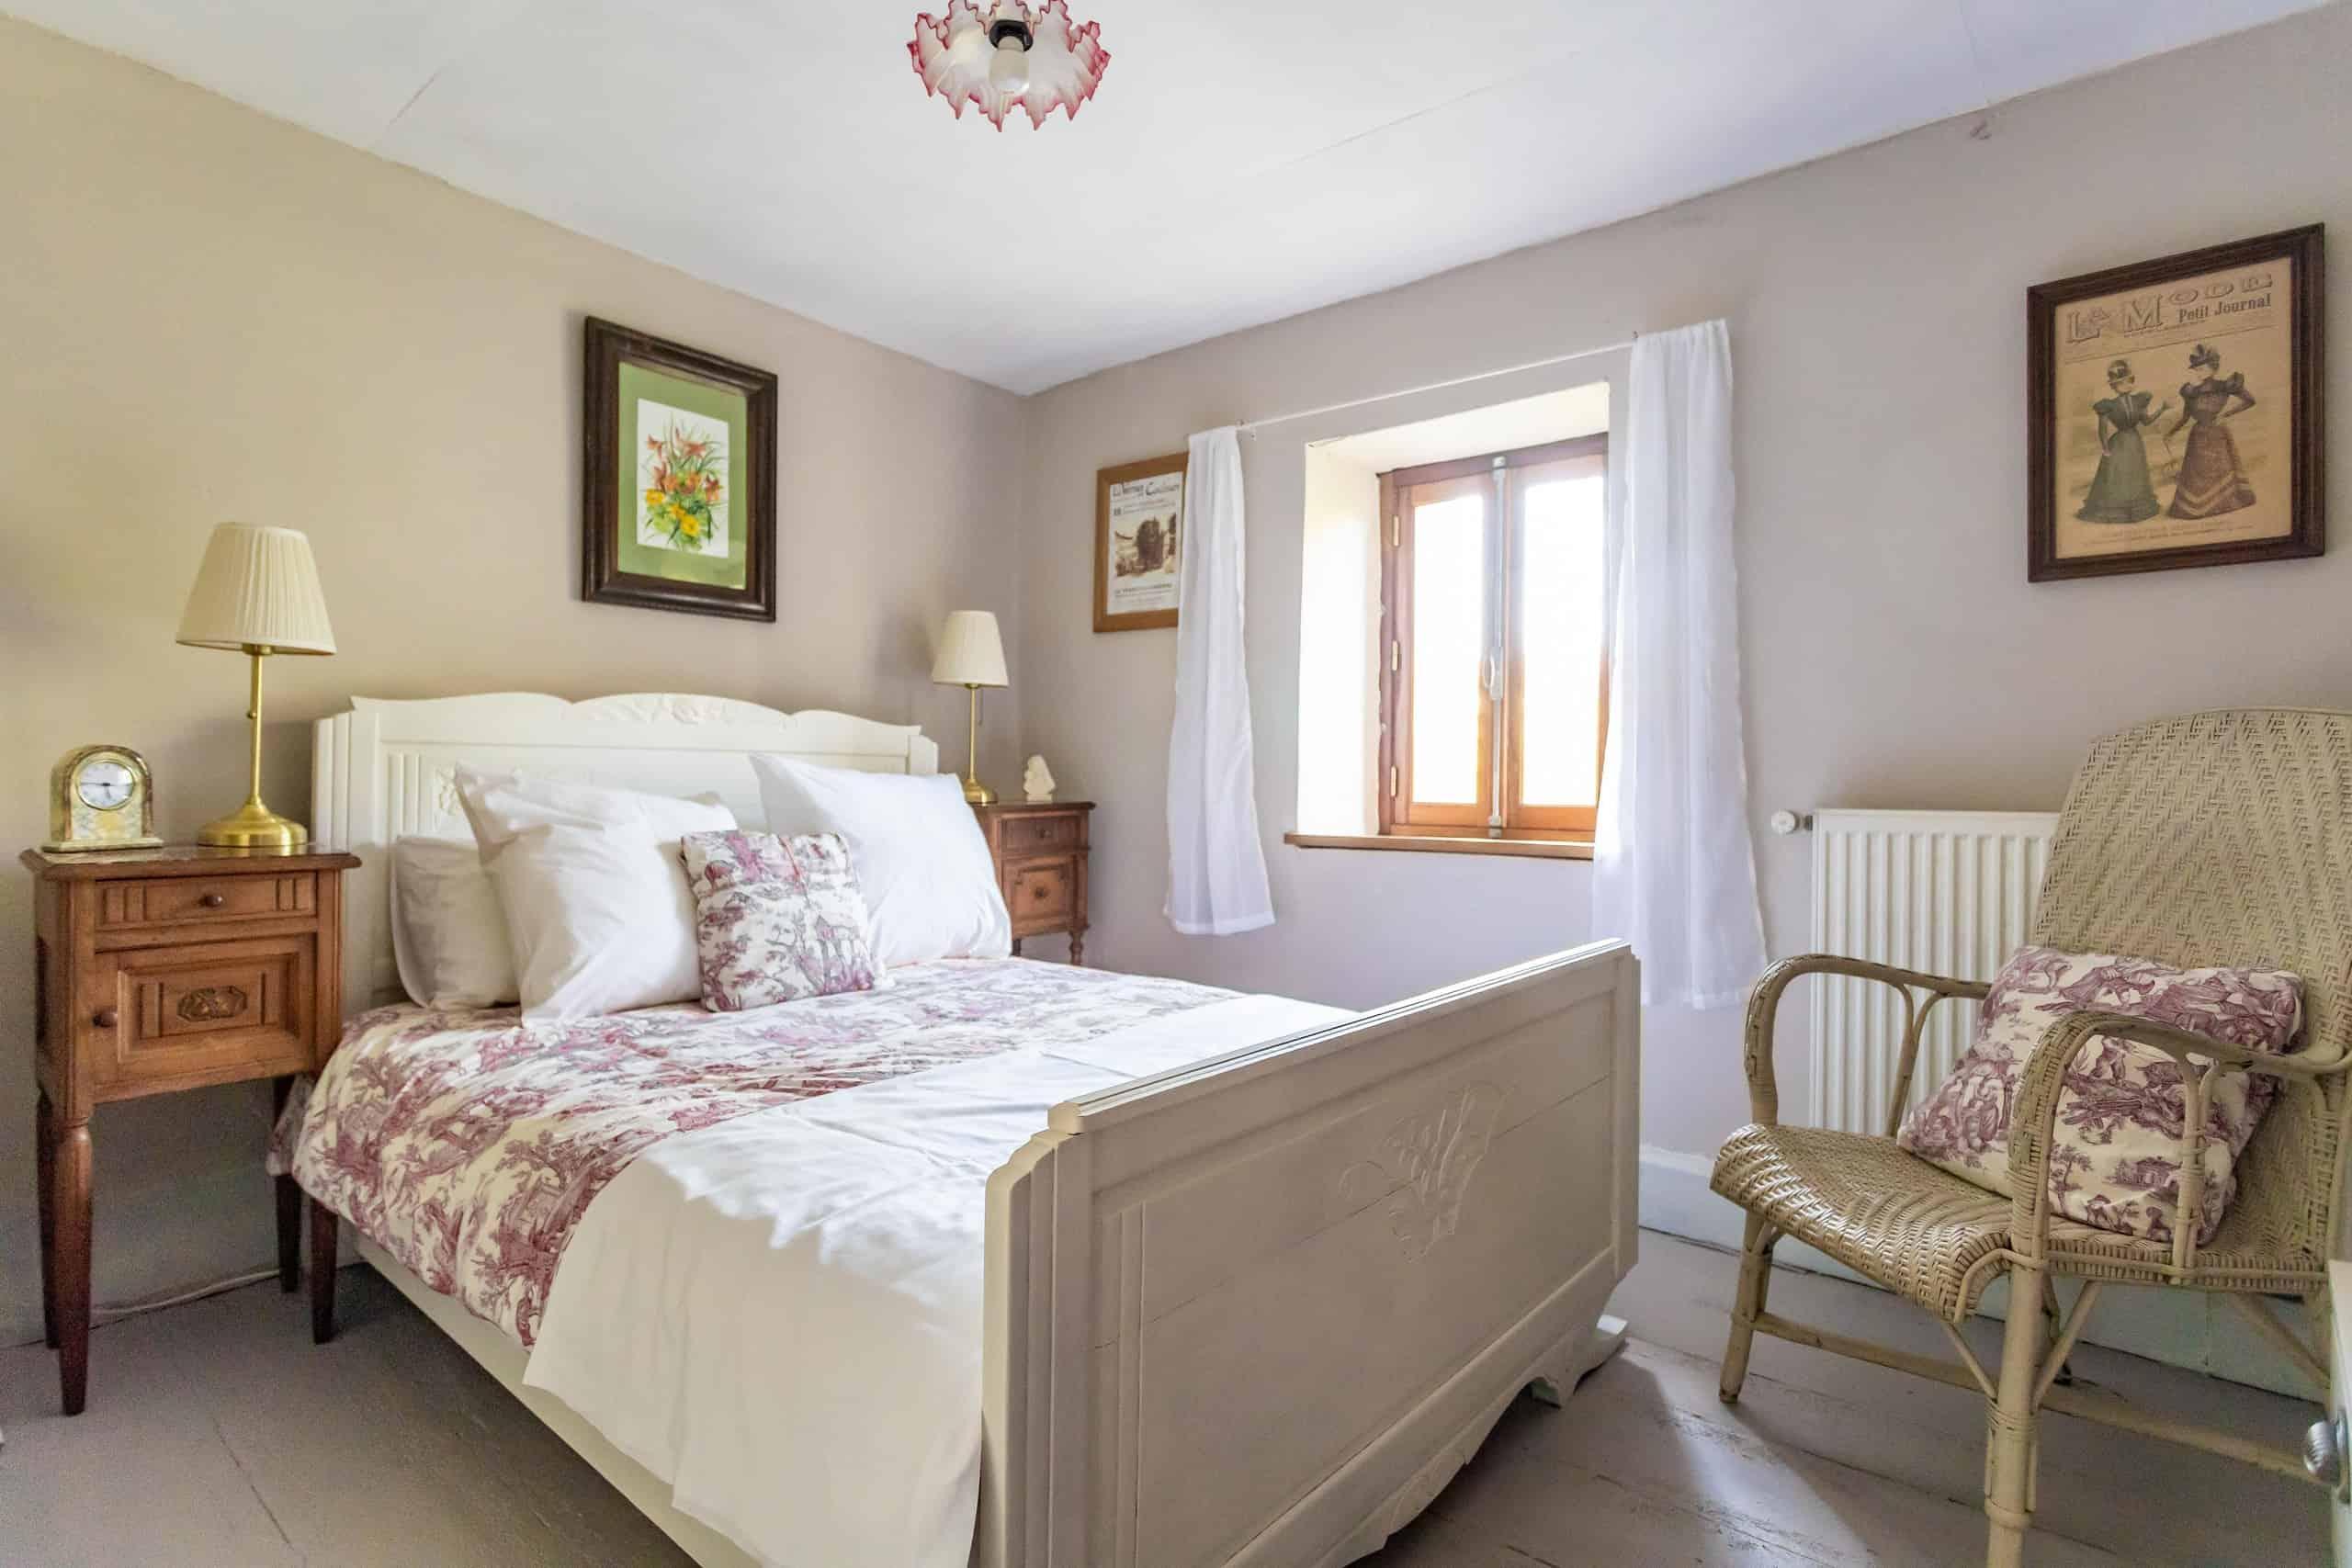 Bedroom-WMC101